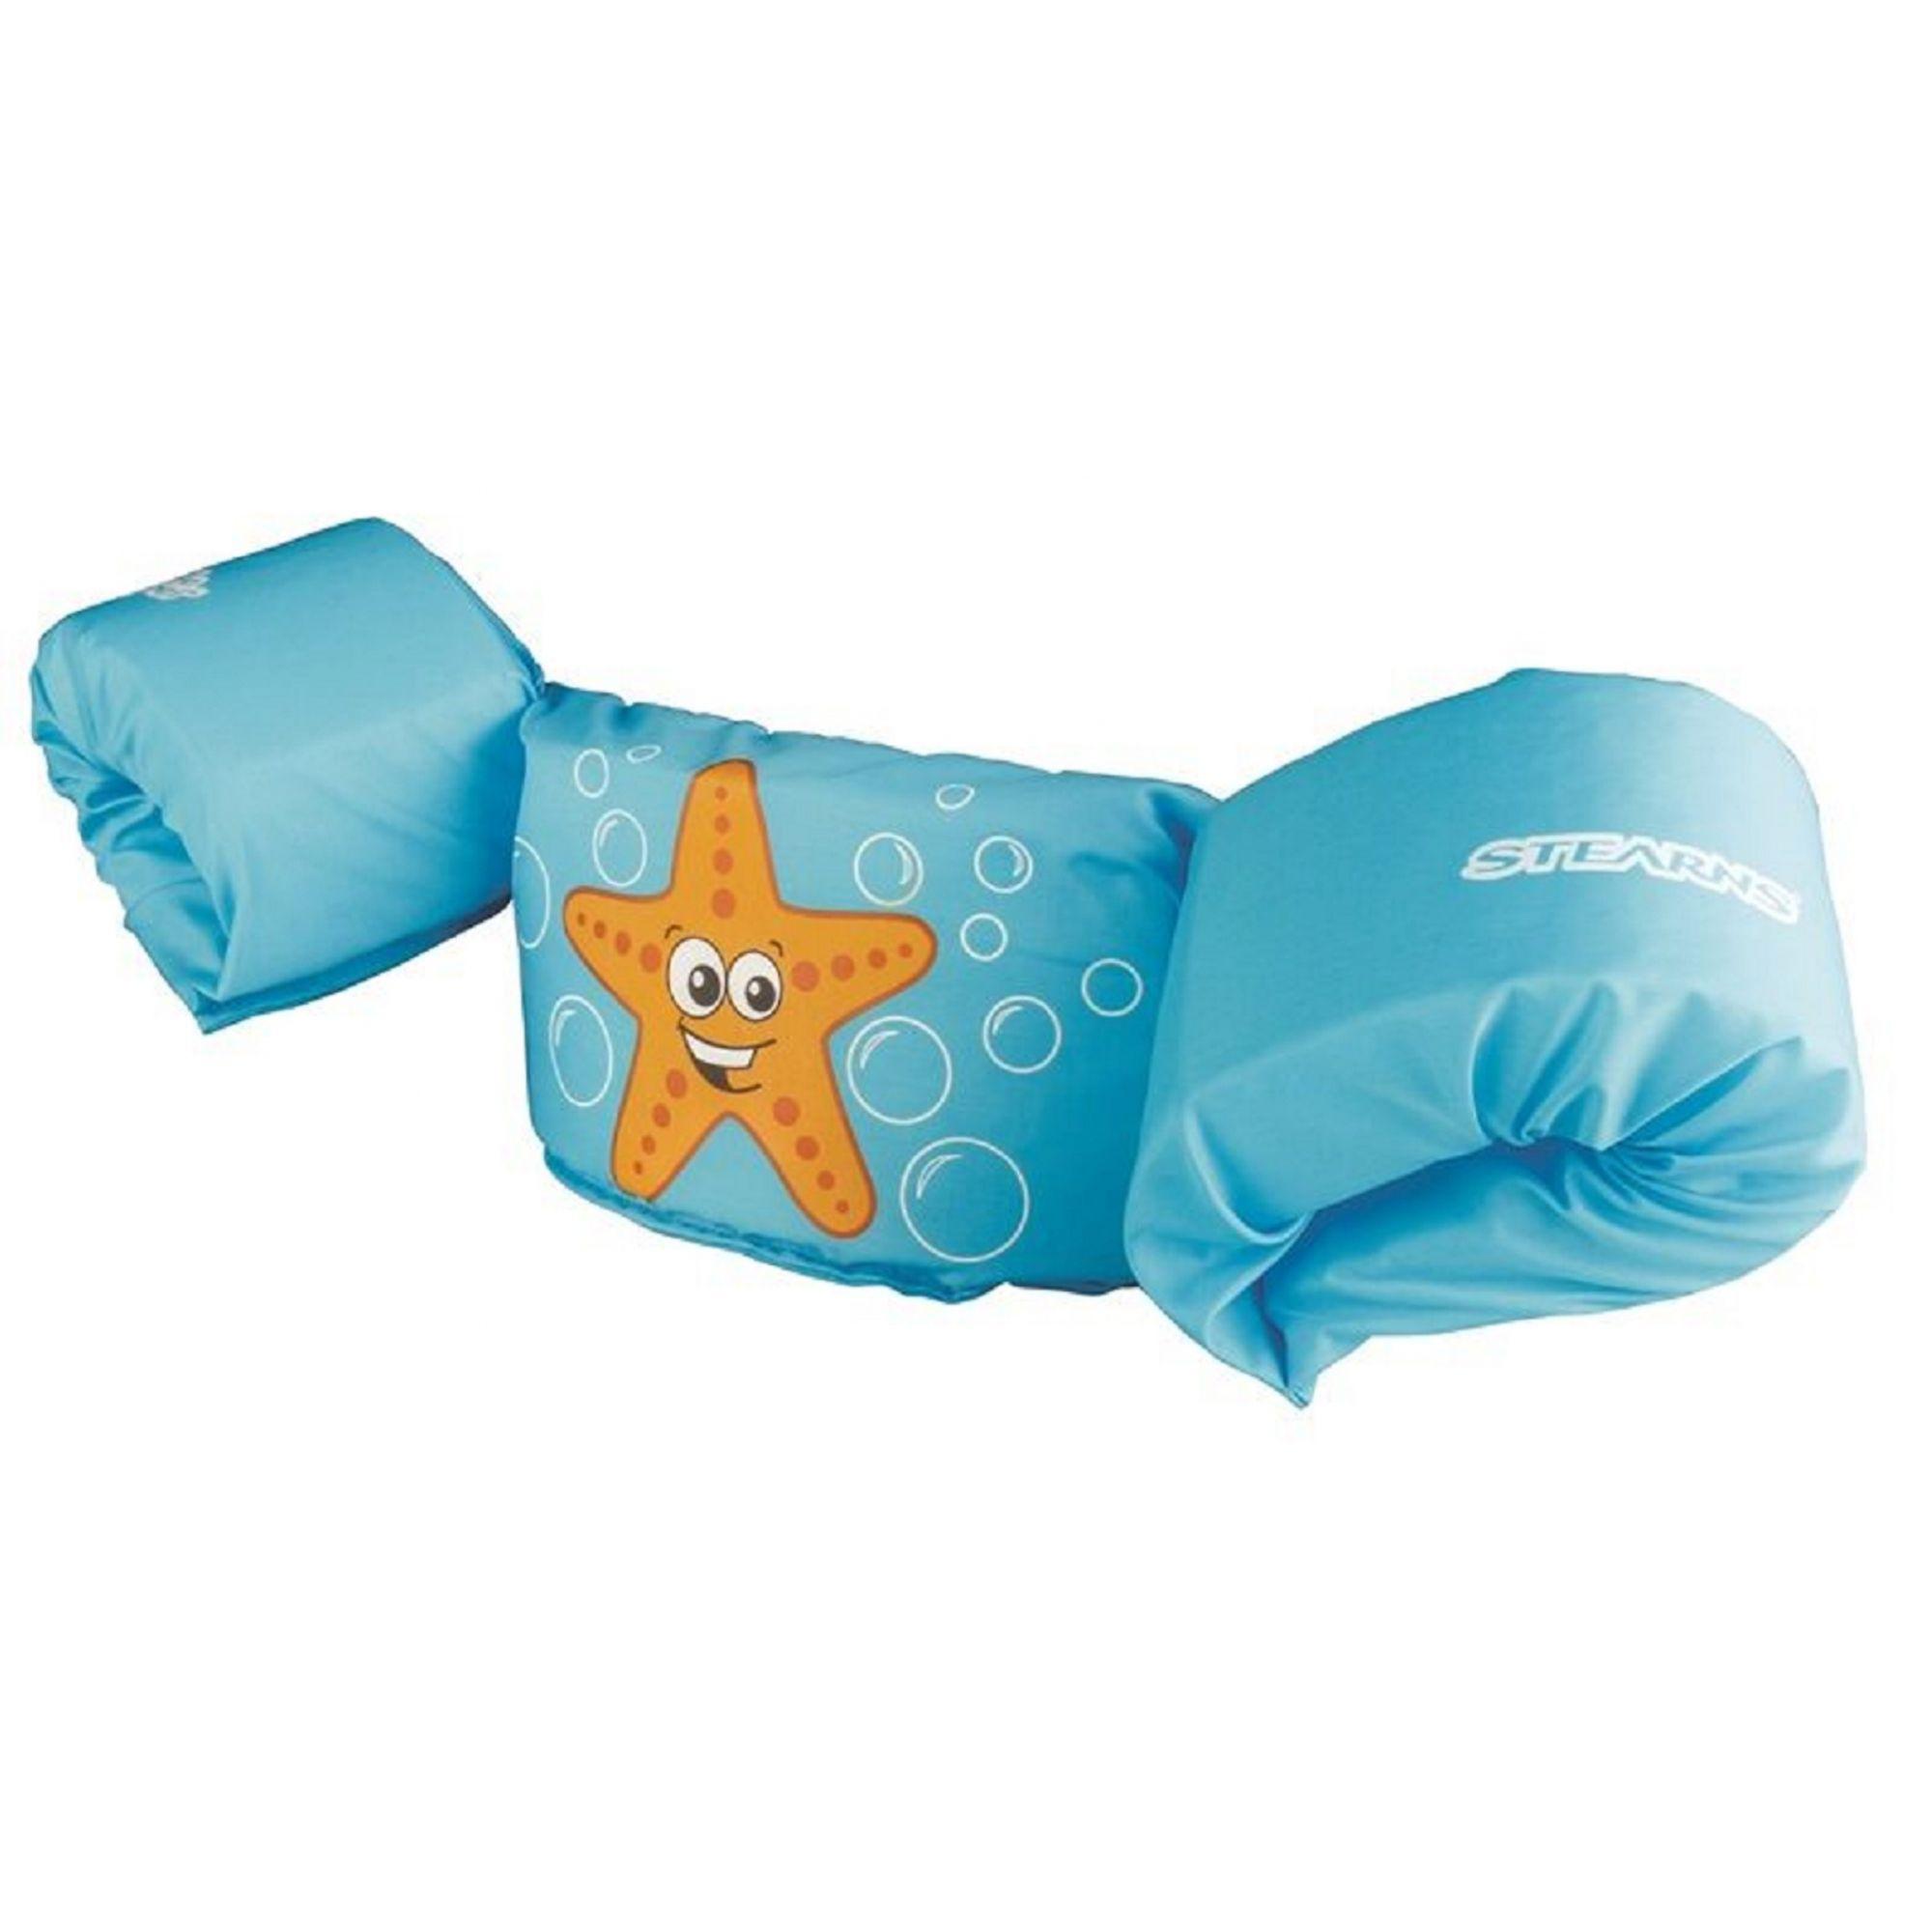 Boia Infantil Puddle Jumper Colete Estrela Azul  - Coleman